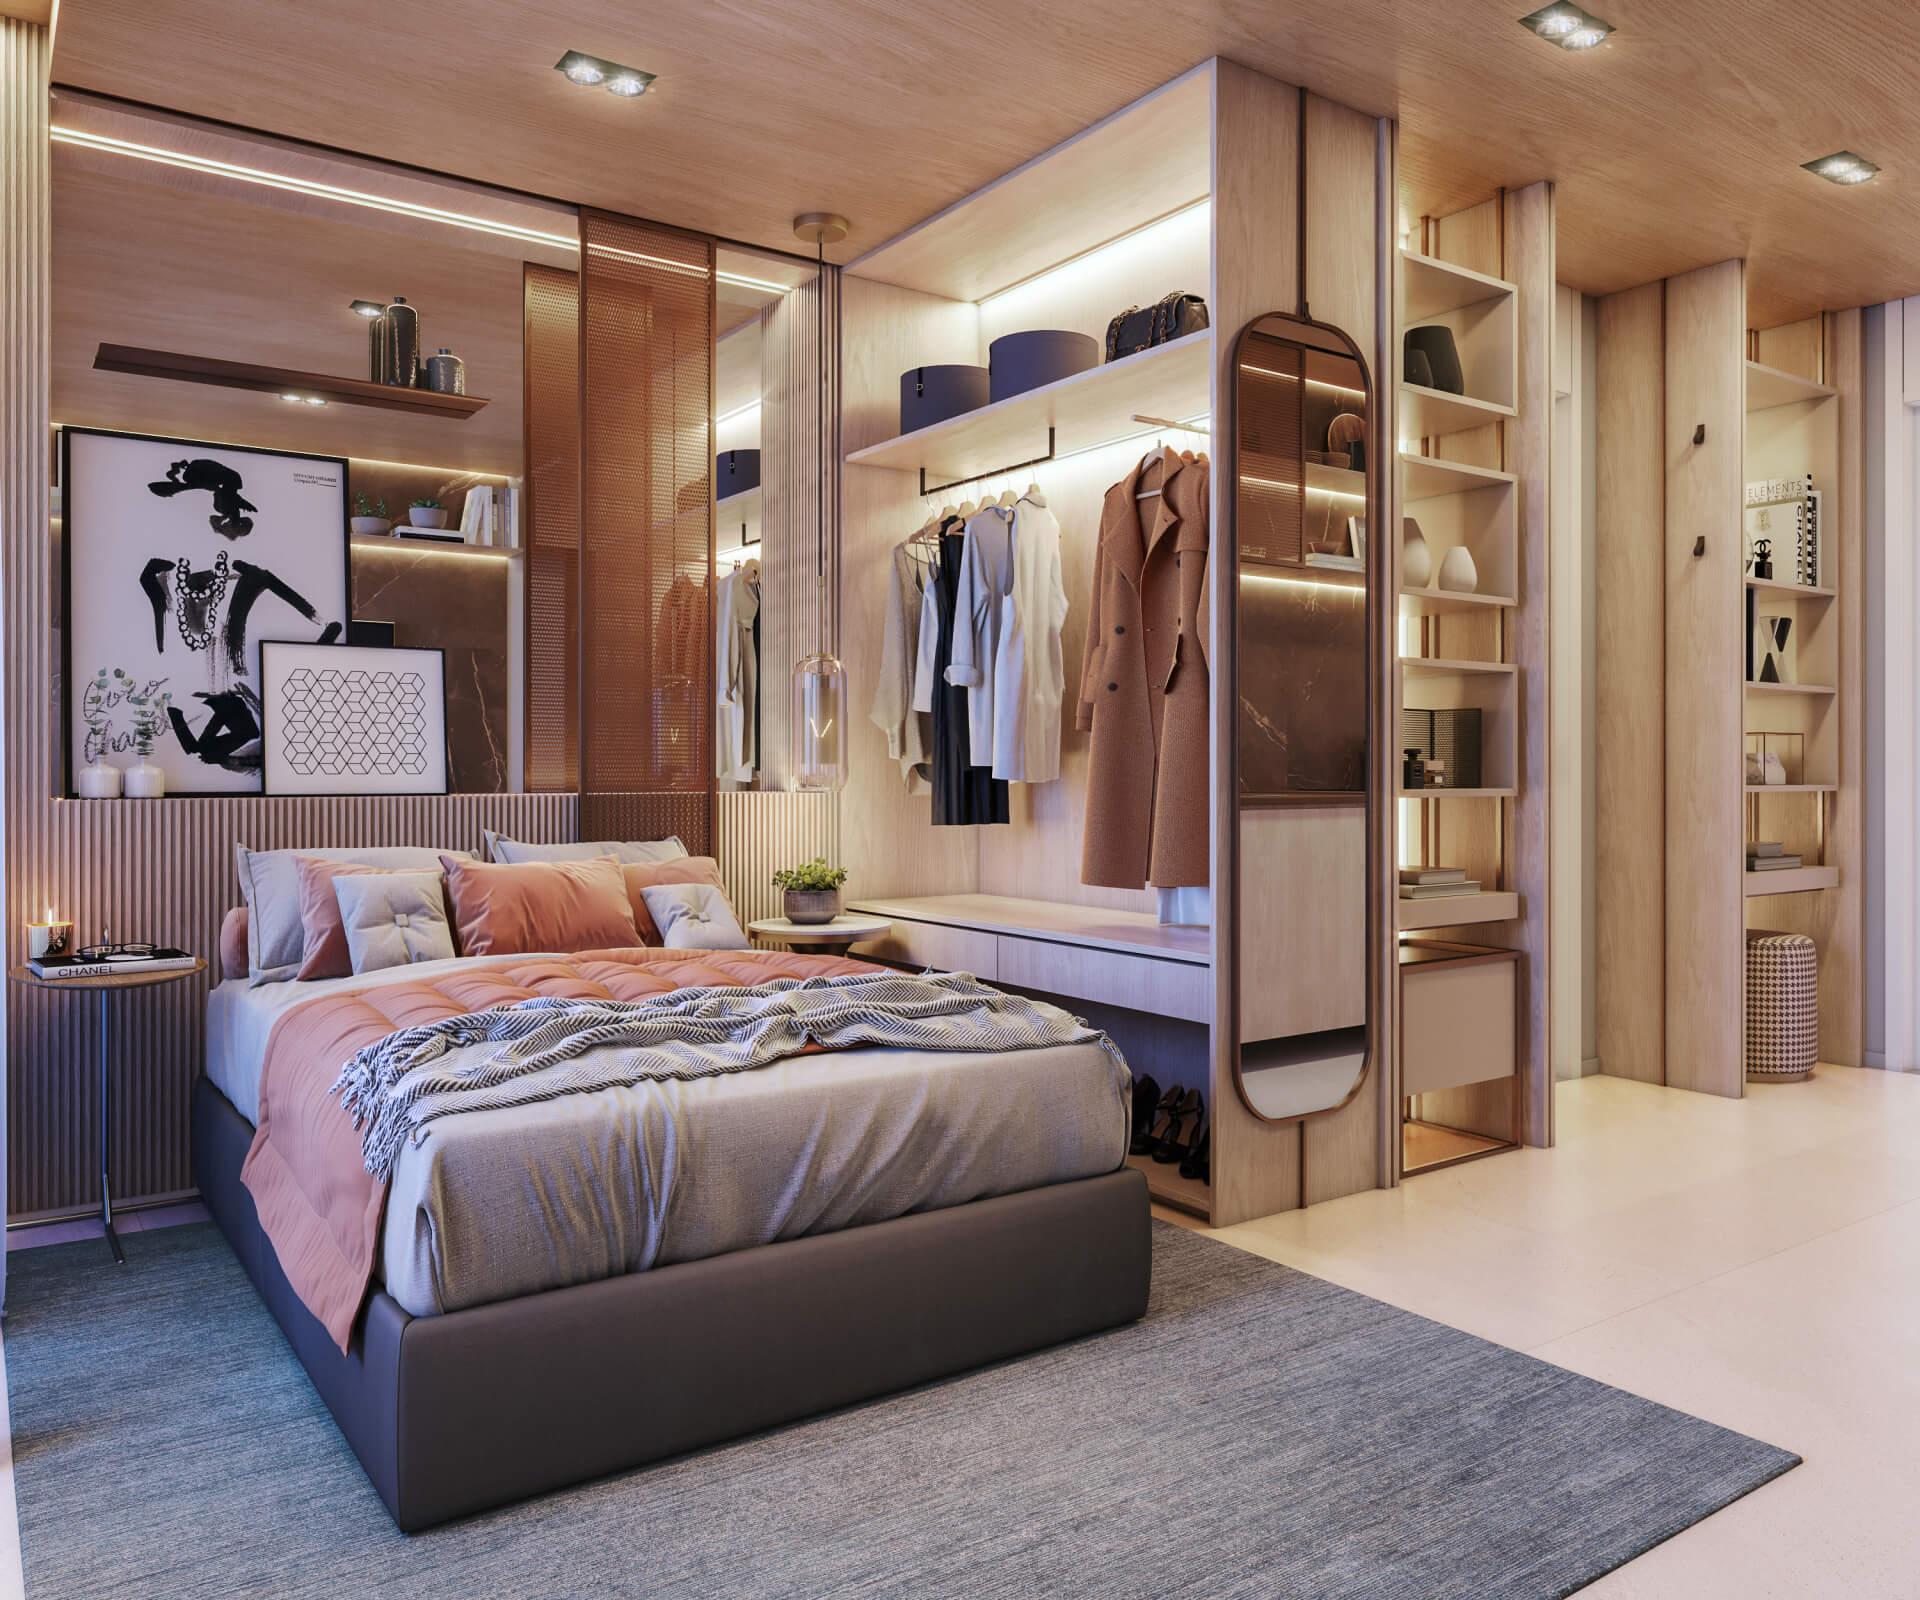 STUDIO de 25 m² com planta funcional integrando todos os ambientes internos. A sugestão de decoração, com mobiliário planejado, é uma possibilidade para você aproveitar melhor todo o espaço e ter ampla área de armazenamento.